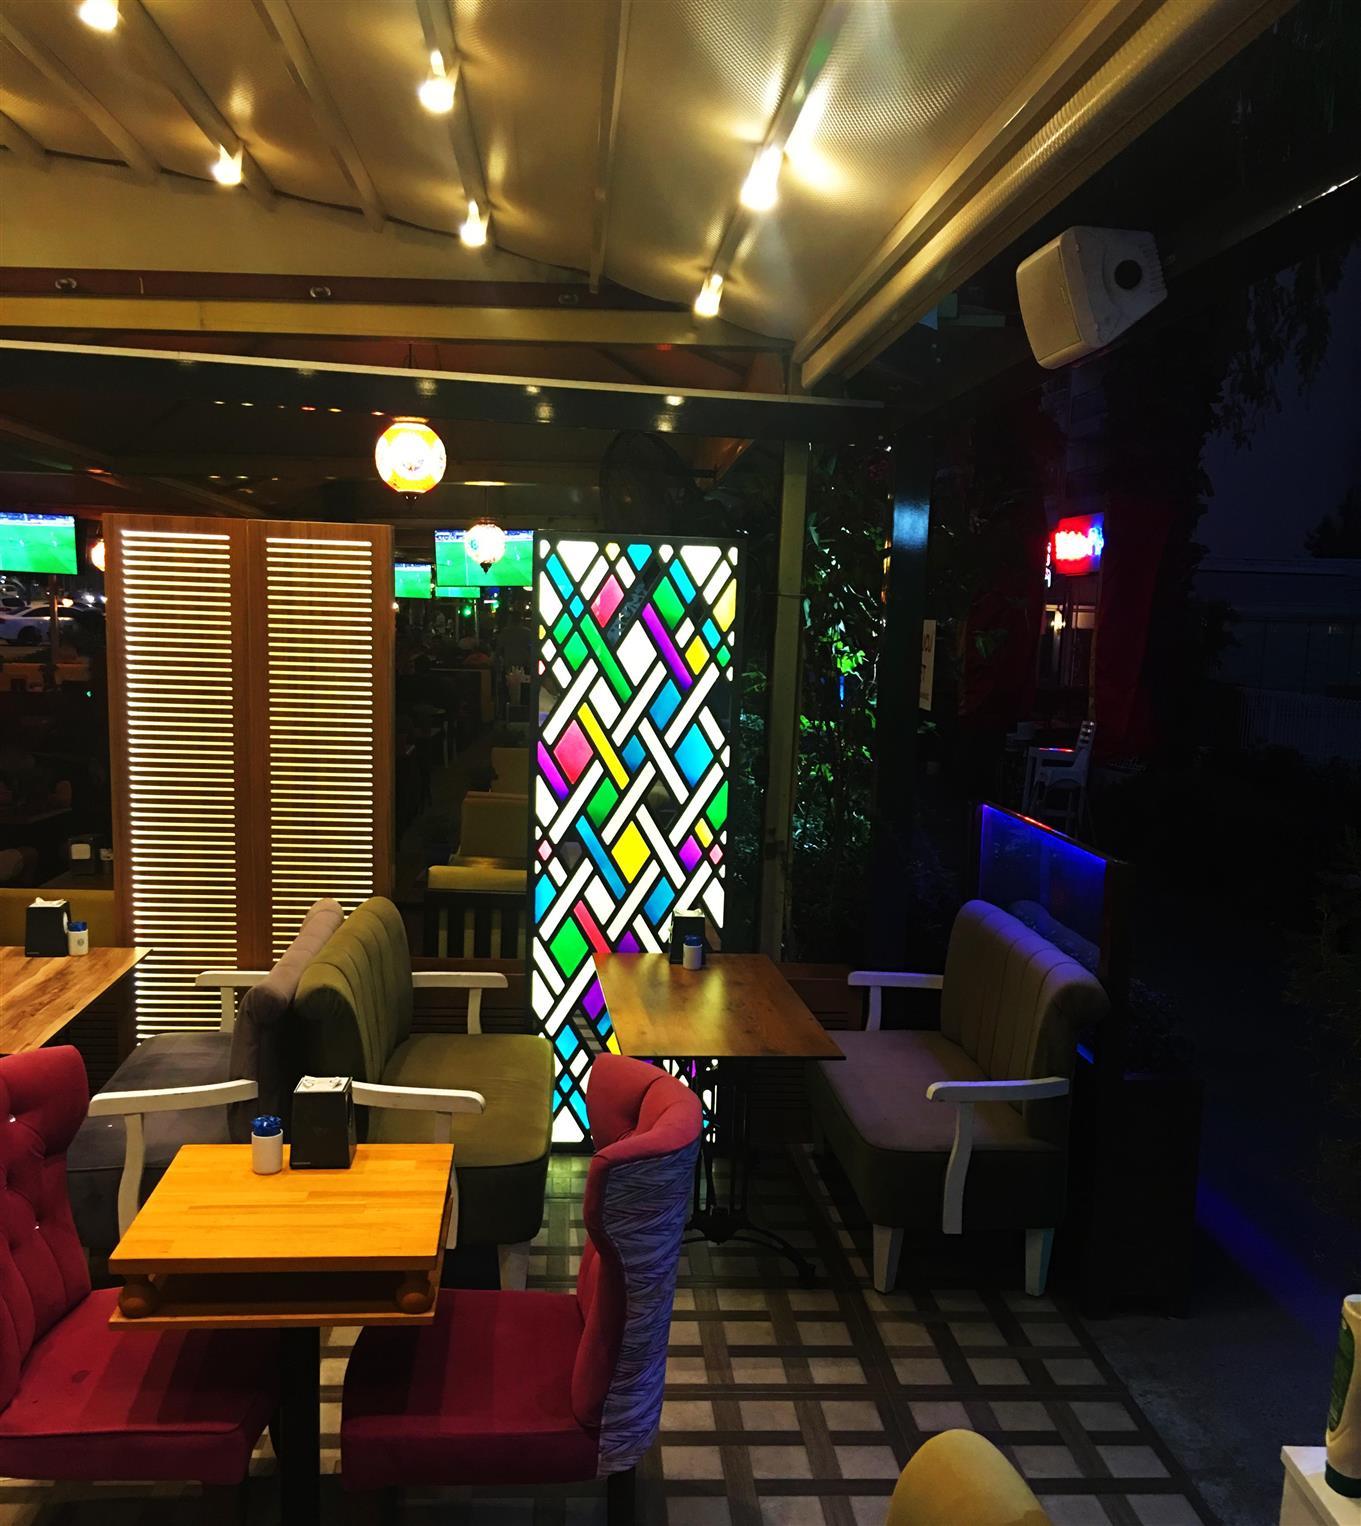 kahve-denizi-cafe-restaurant2017122118452141.jpg izmir vitray çalışması